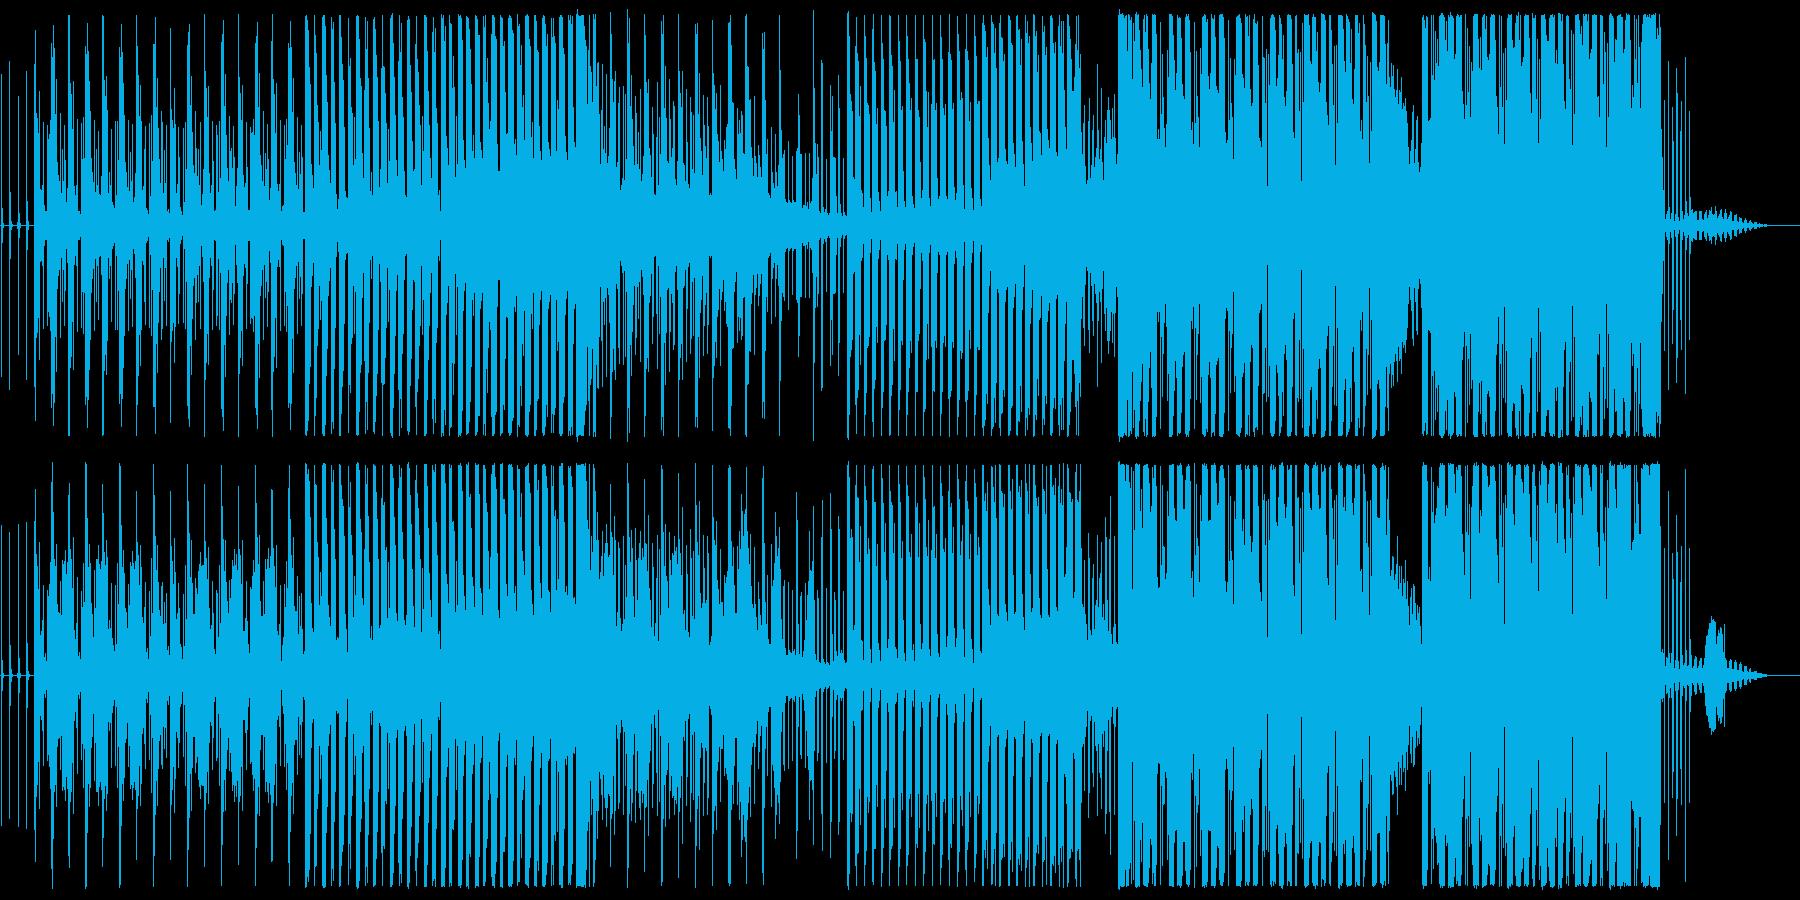 日本の四季をめぐるようなBGMの再生済みの波形